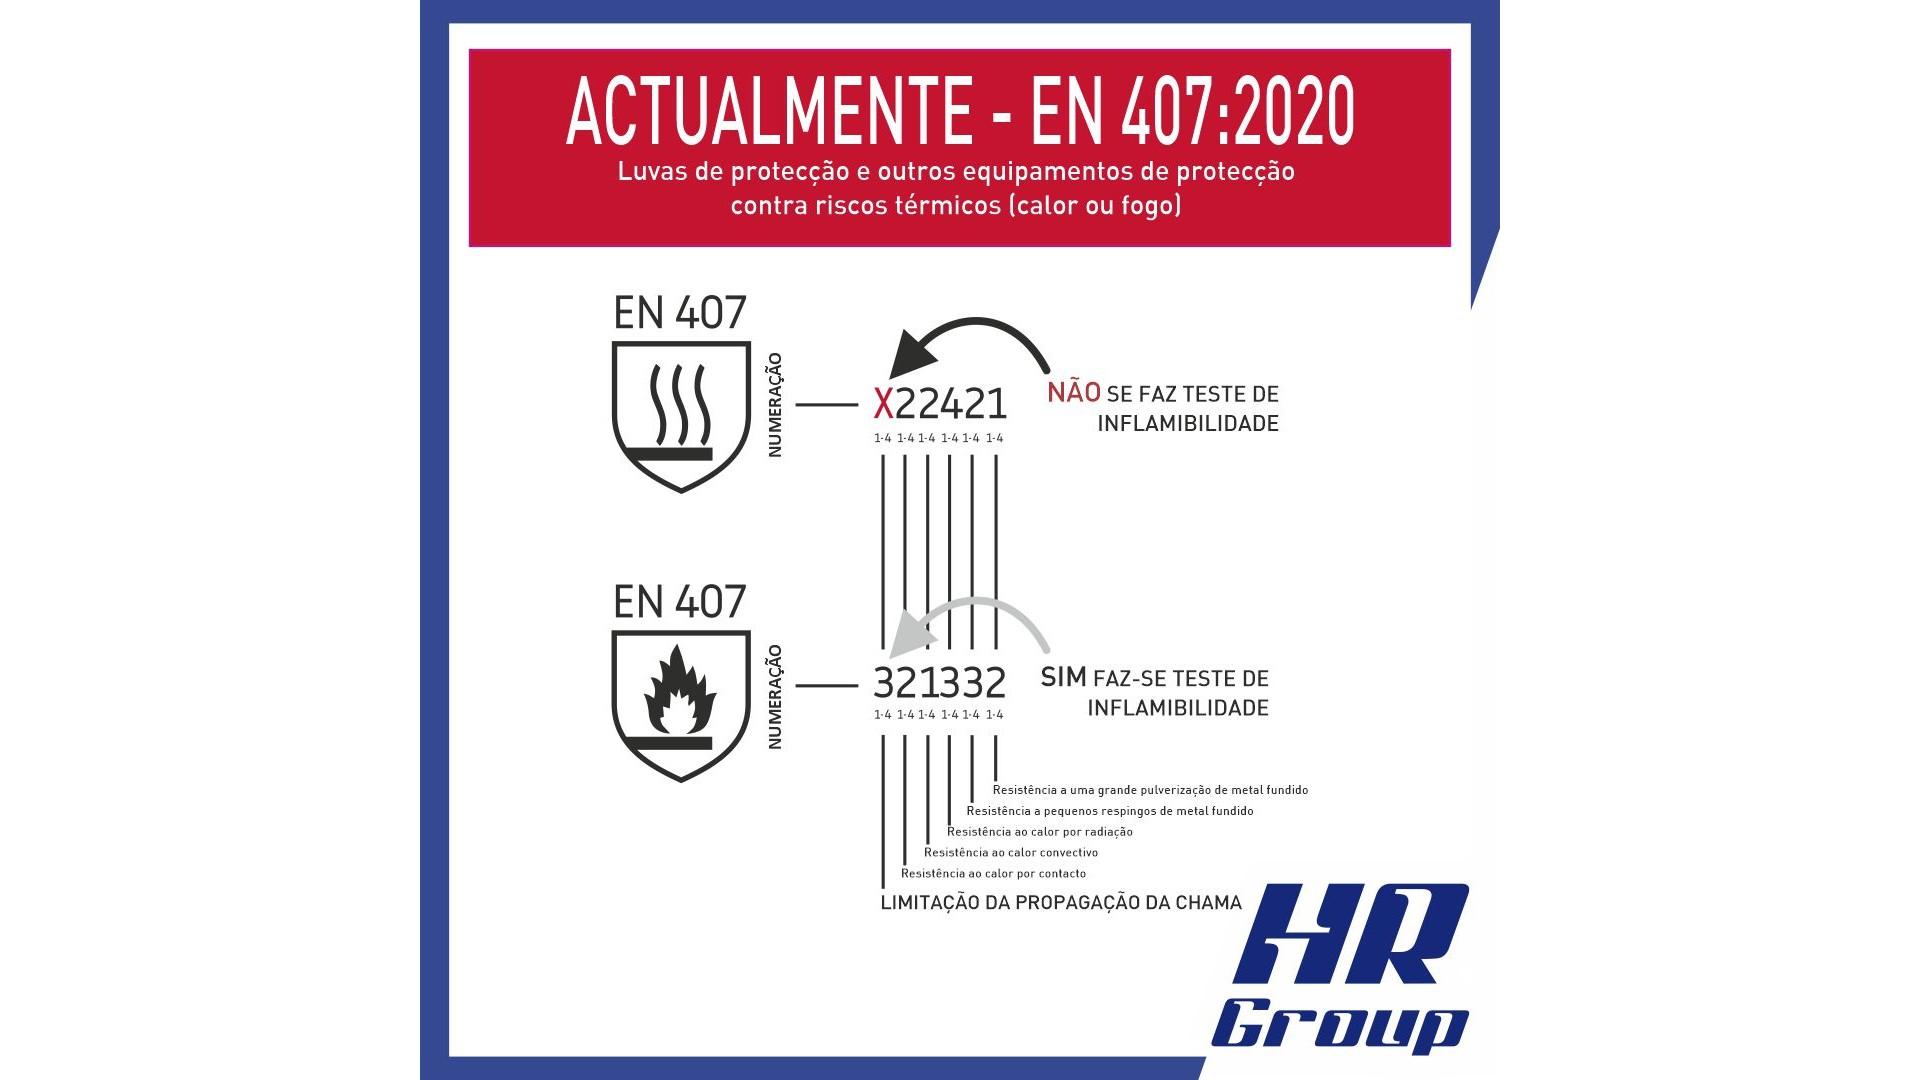 Revisão à Norma EN 407 – Riscos Térmicos